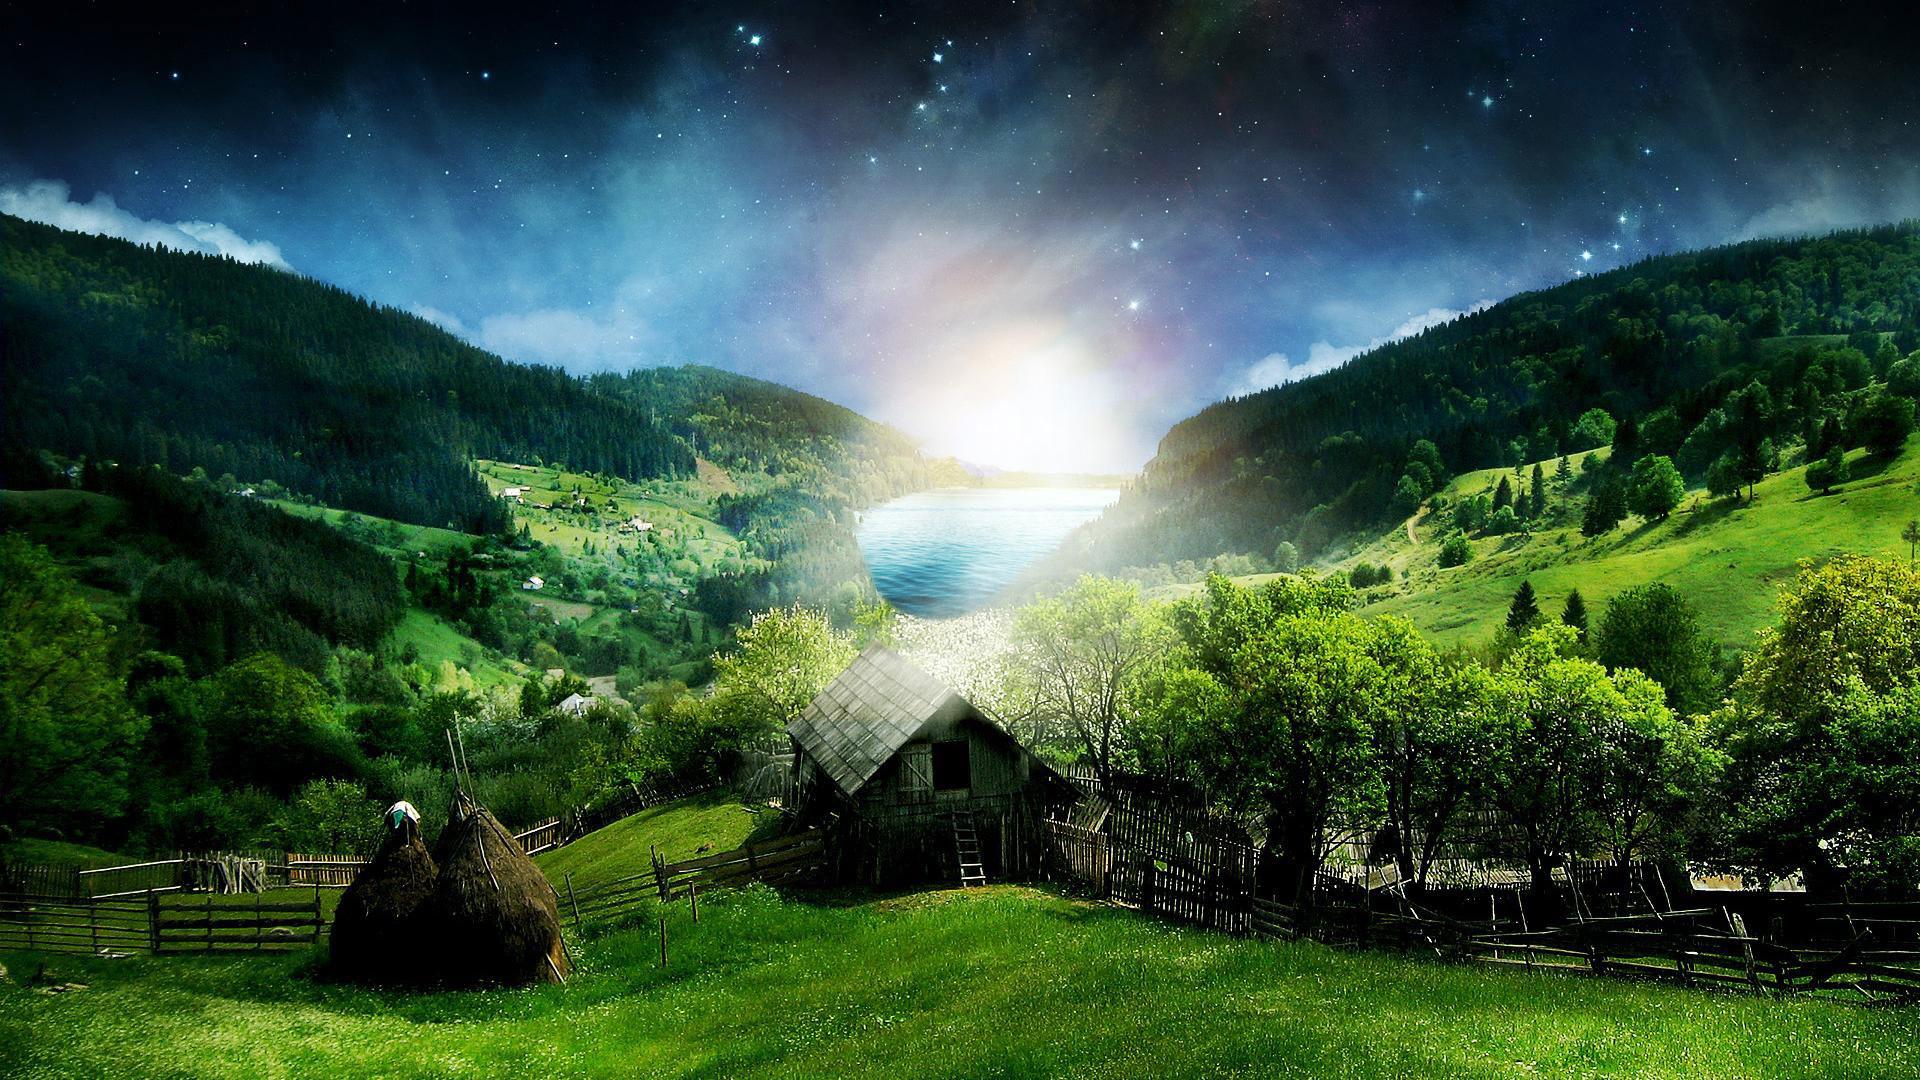 hd pics photos best dream places nature home beautiful landscape hd quality  desktop background wallpaper